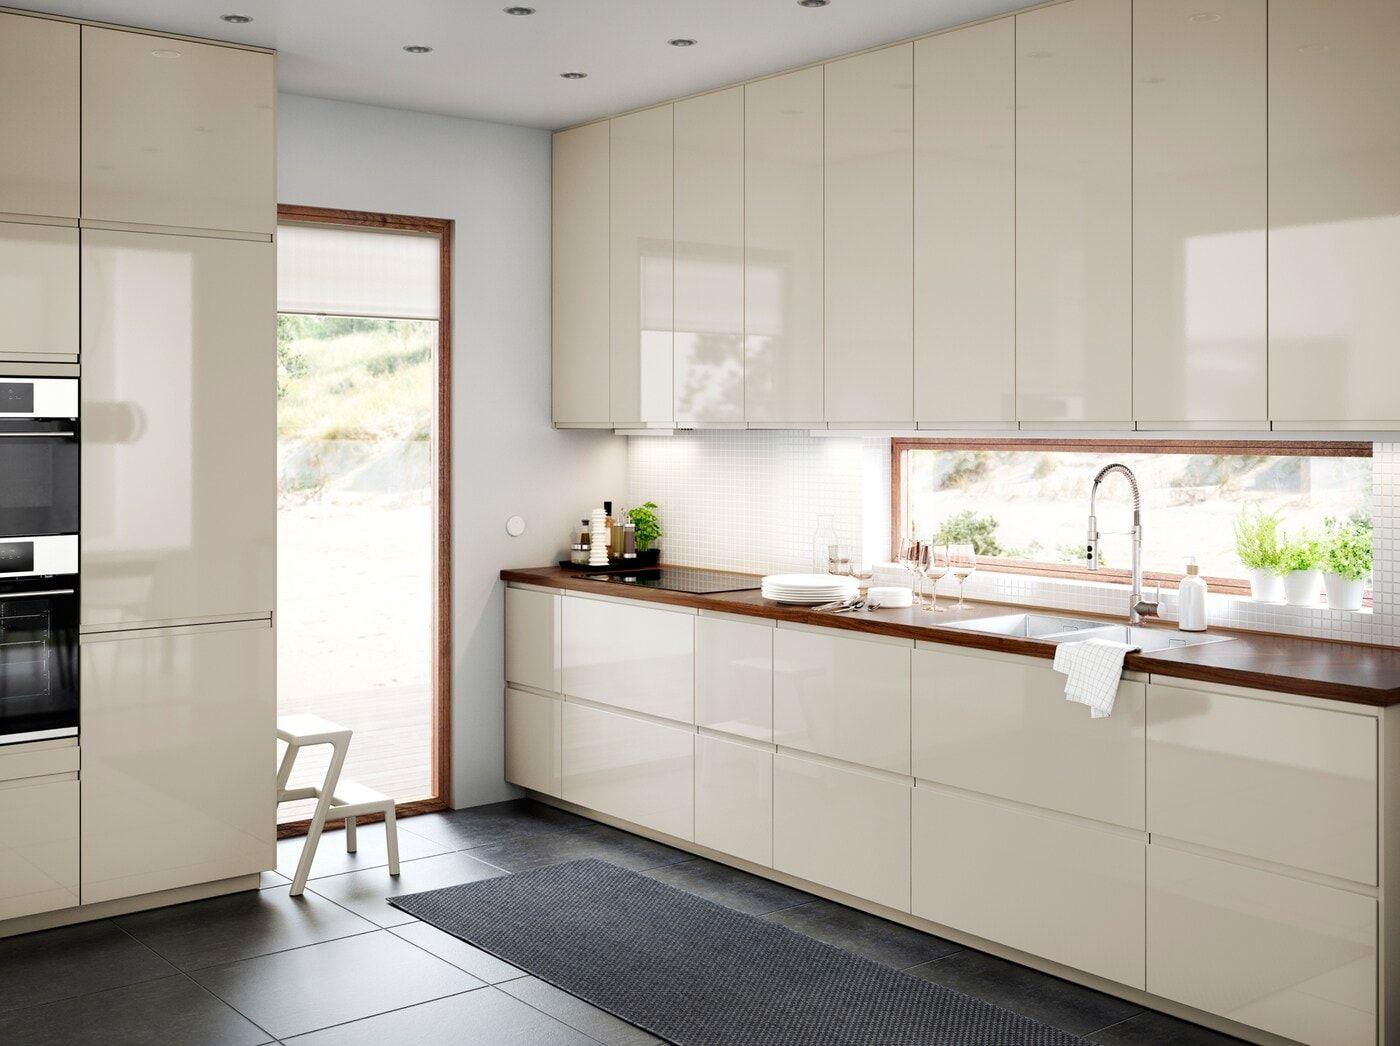 Cucina Beige Patinata Idee Cucina Cucina Beige Cucina Ikea Idee Cucina Ikea